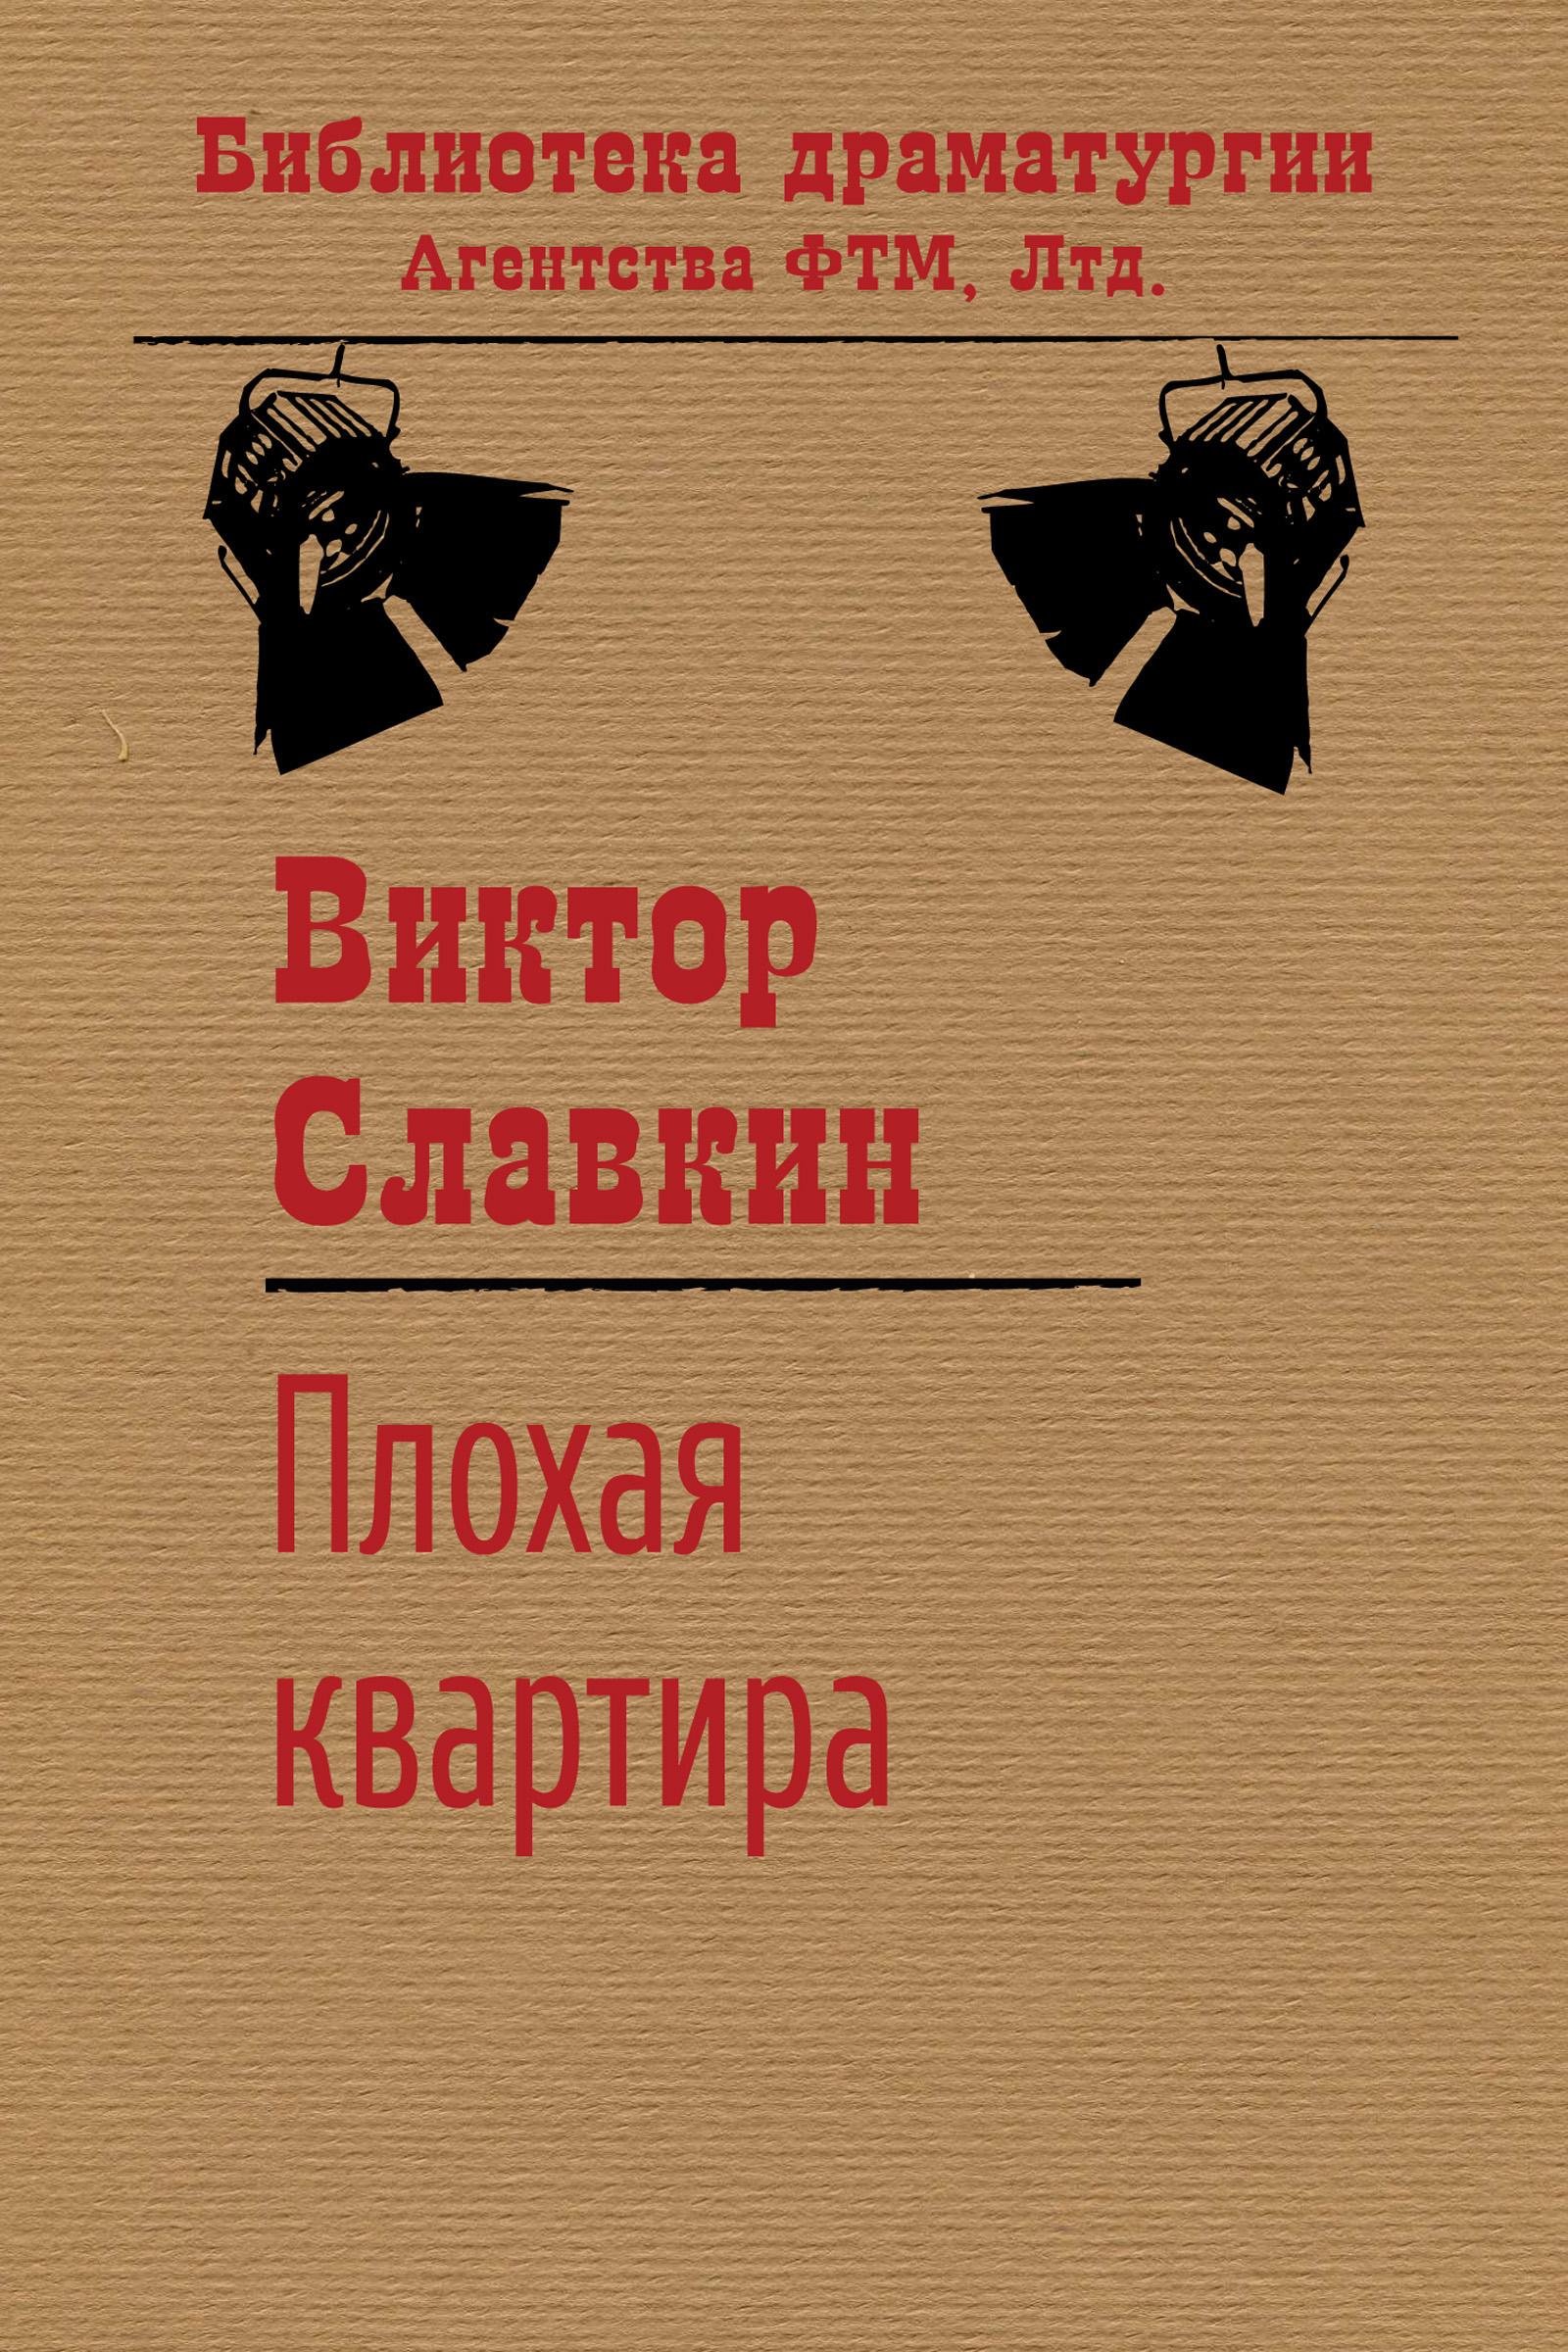 Виктор Славкин Плохая квартира абсурд дека для скейтборда абсурд х carhartt o3epo 2